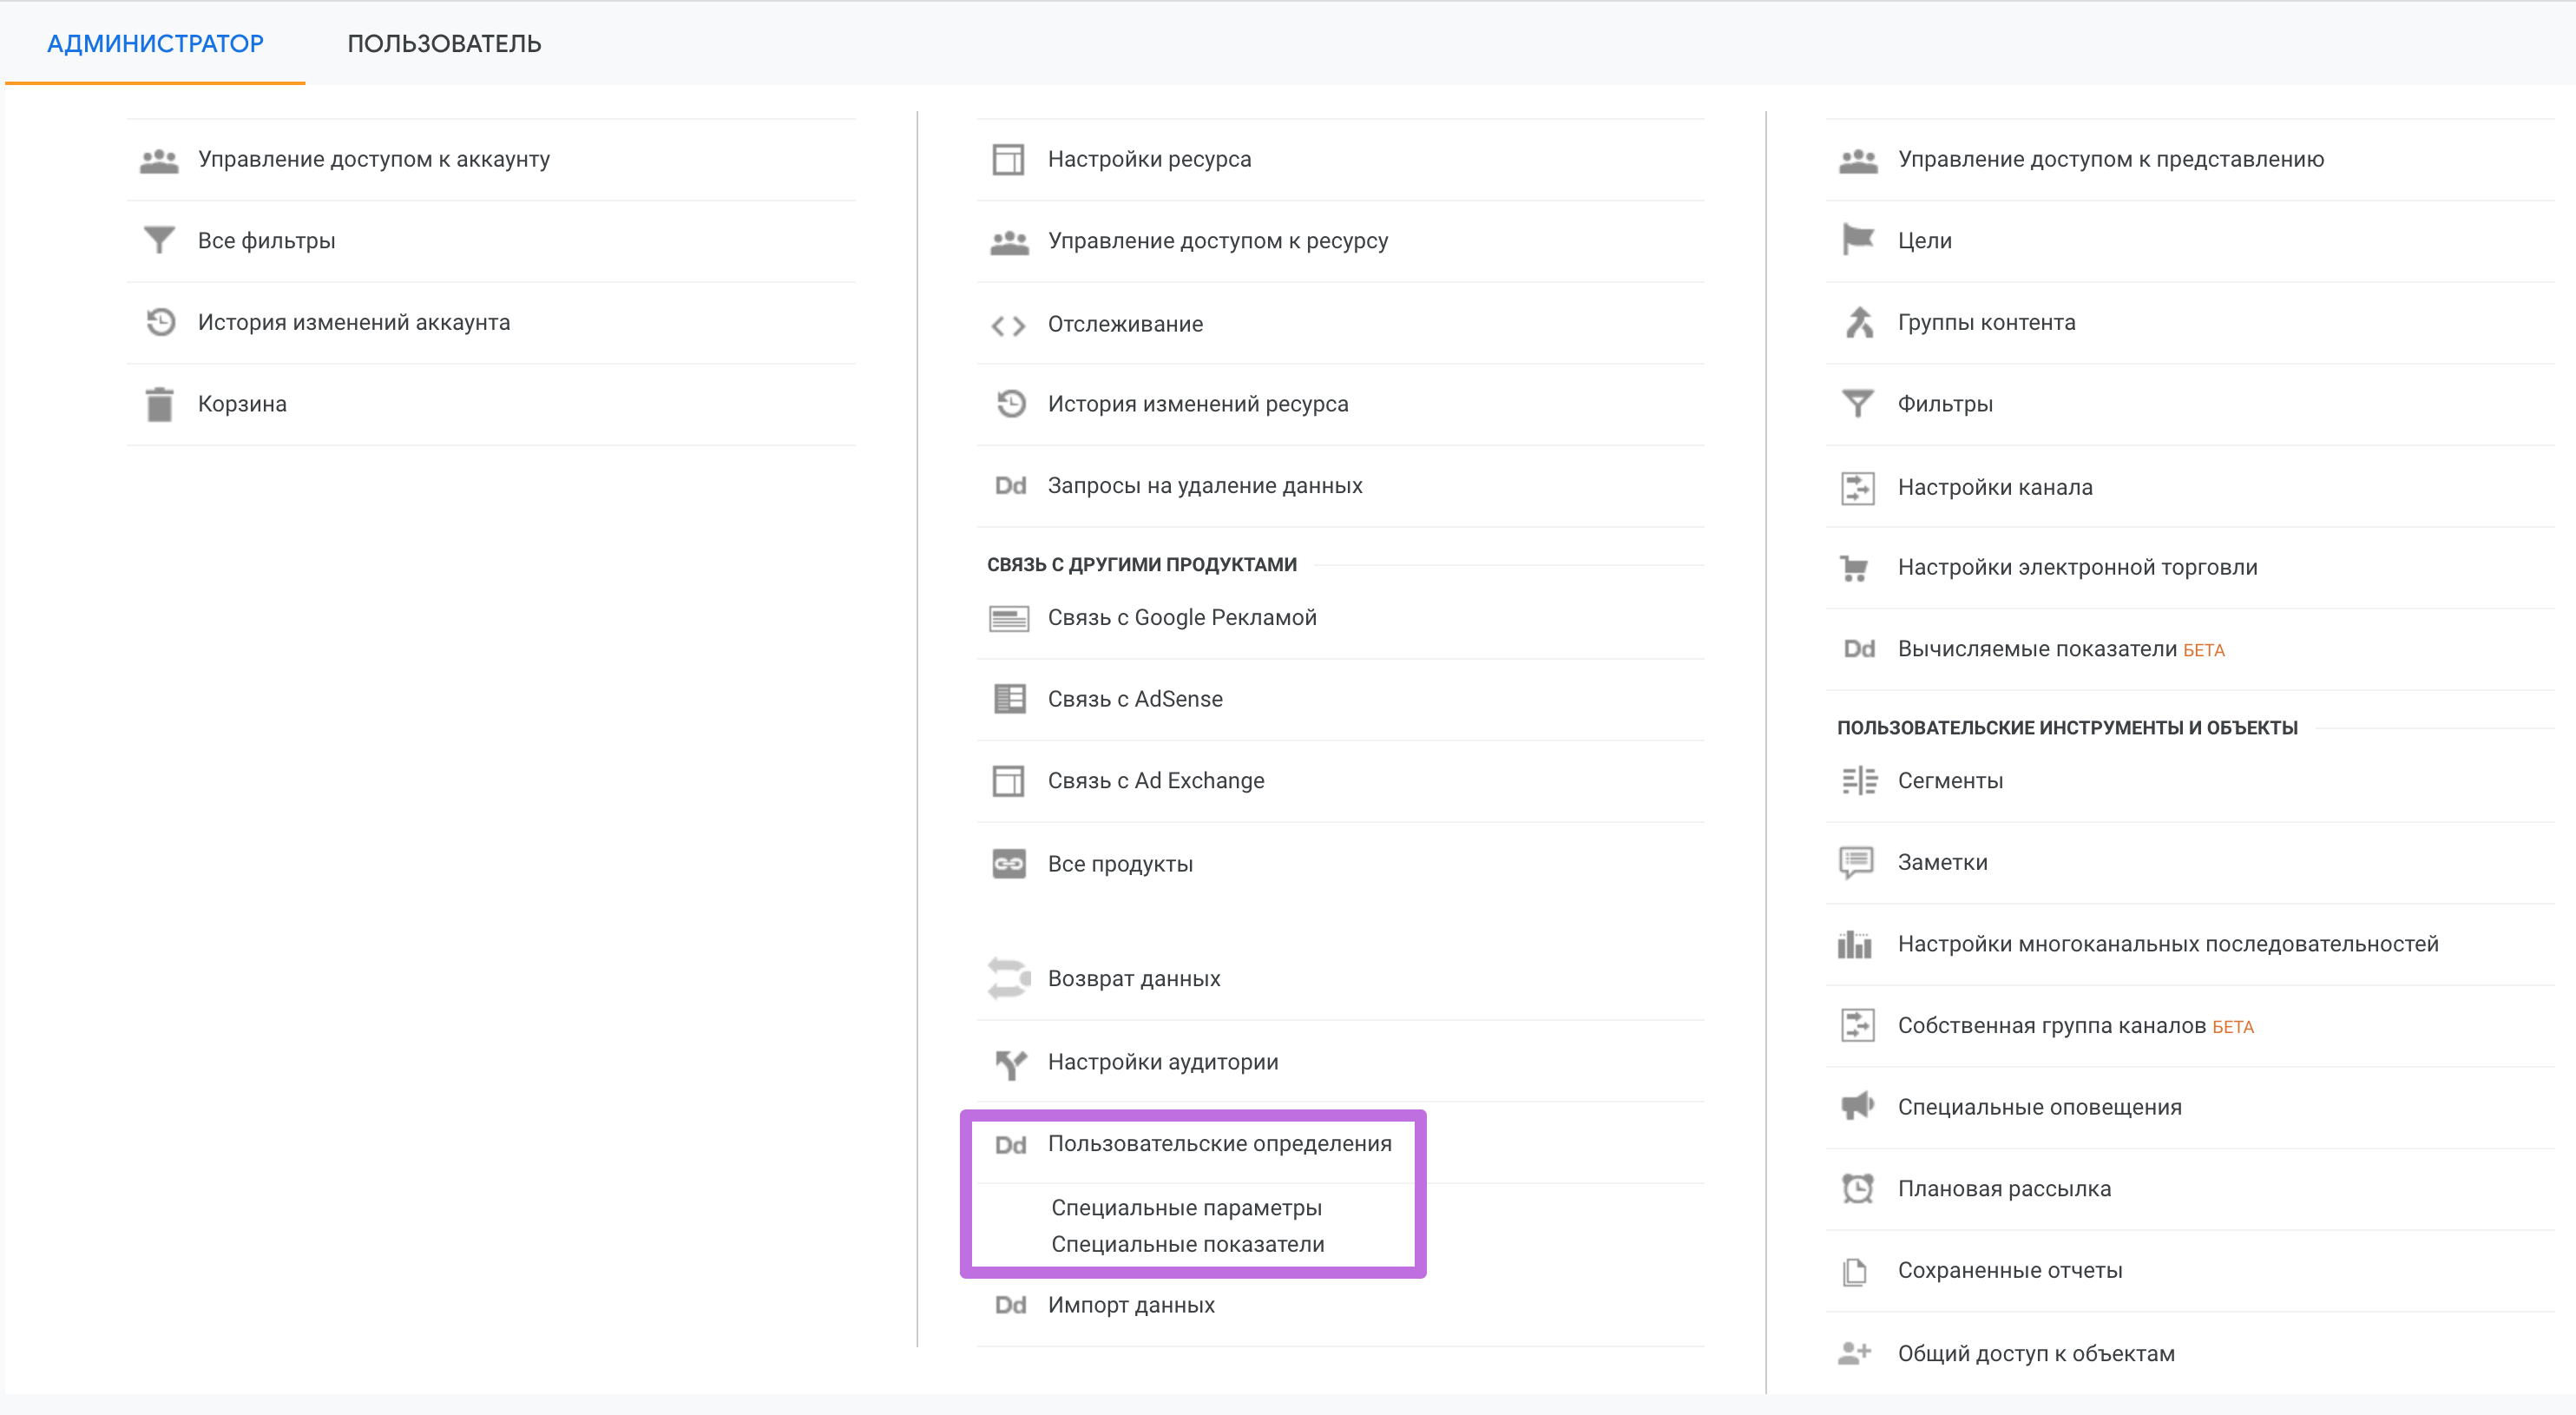 Соответствующие параметры и метрики в Google Analytics